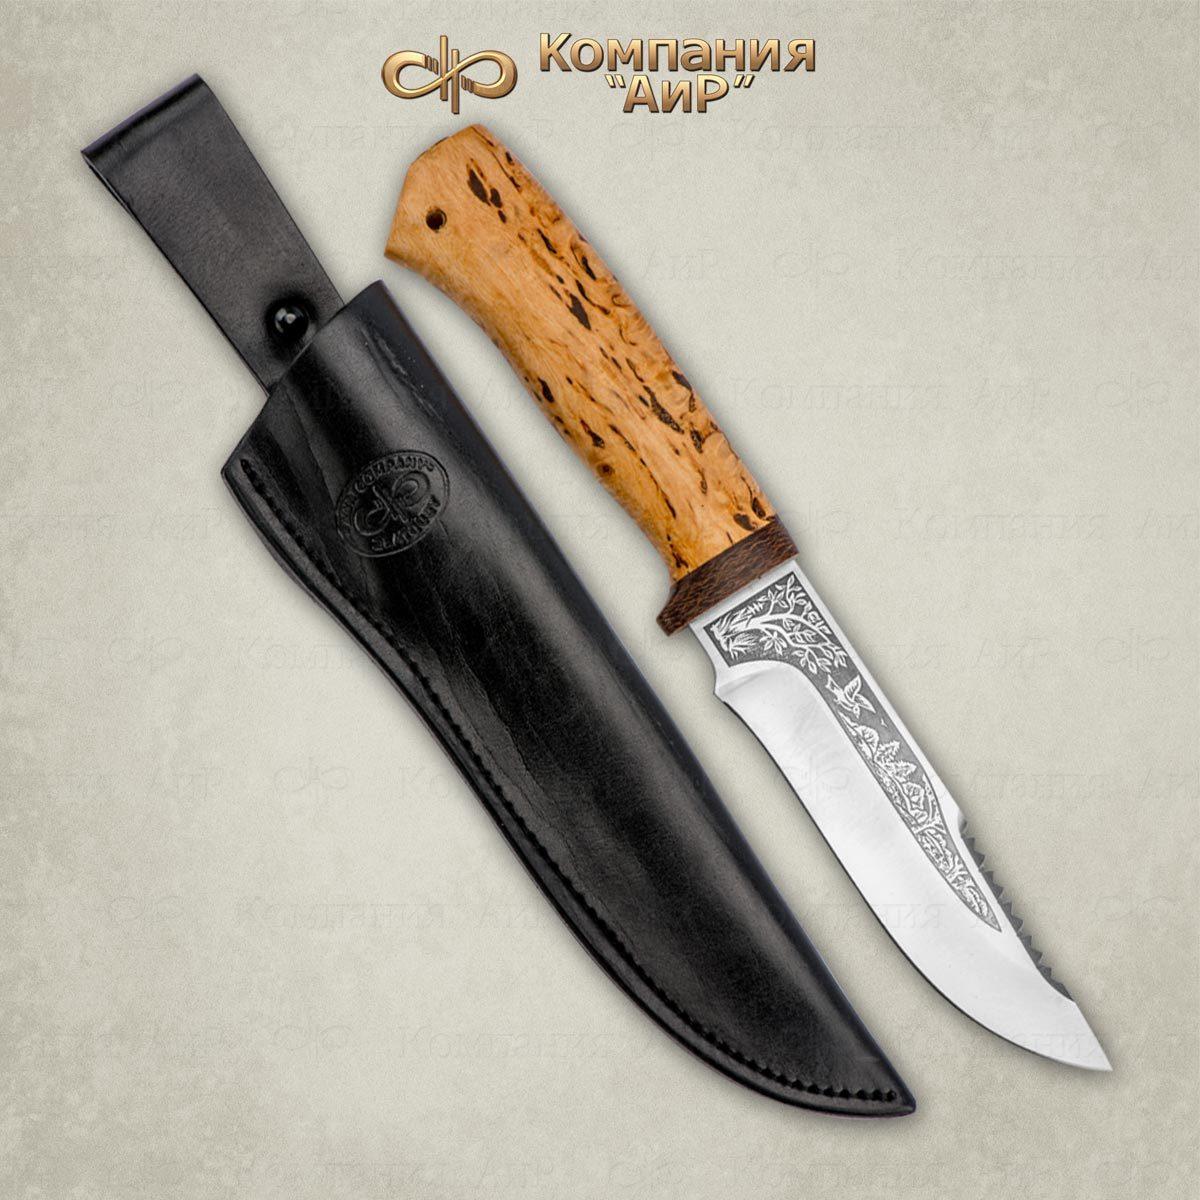 Фото - Нож АиР Стрелец, сталь Elmax, рукоять карельская береза пчак закат рукоять карельская береза